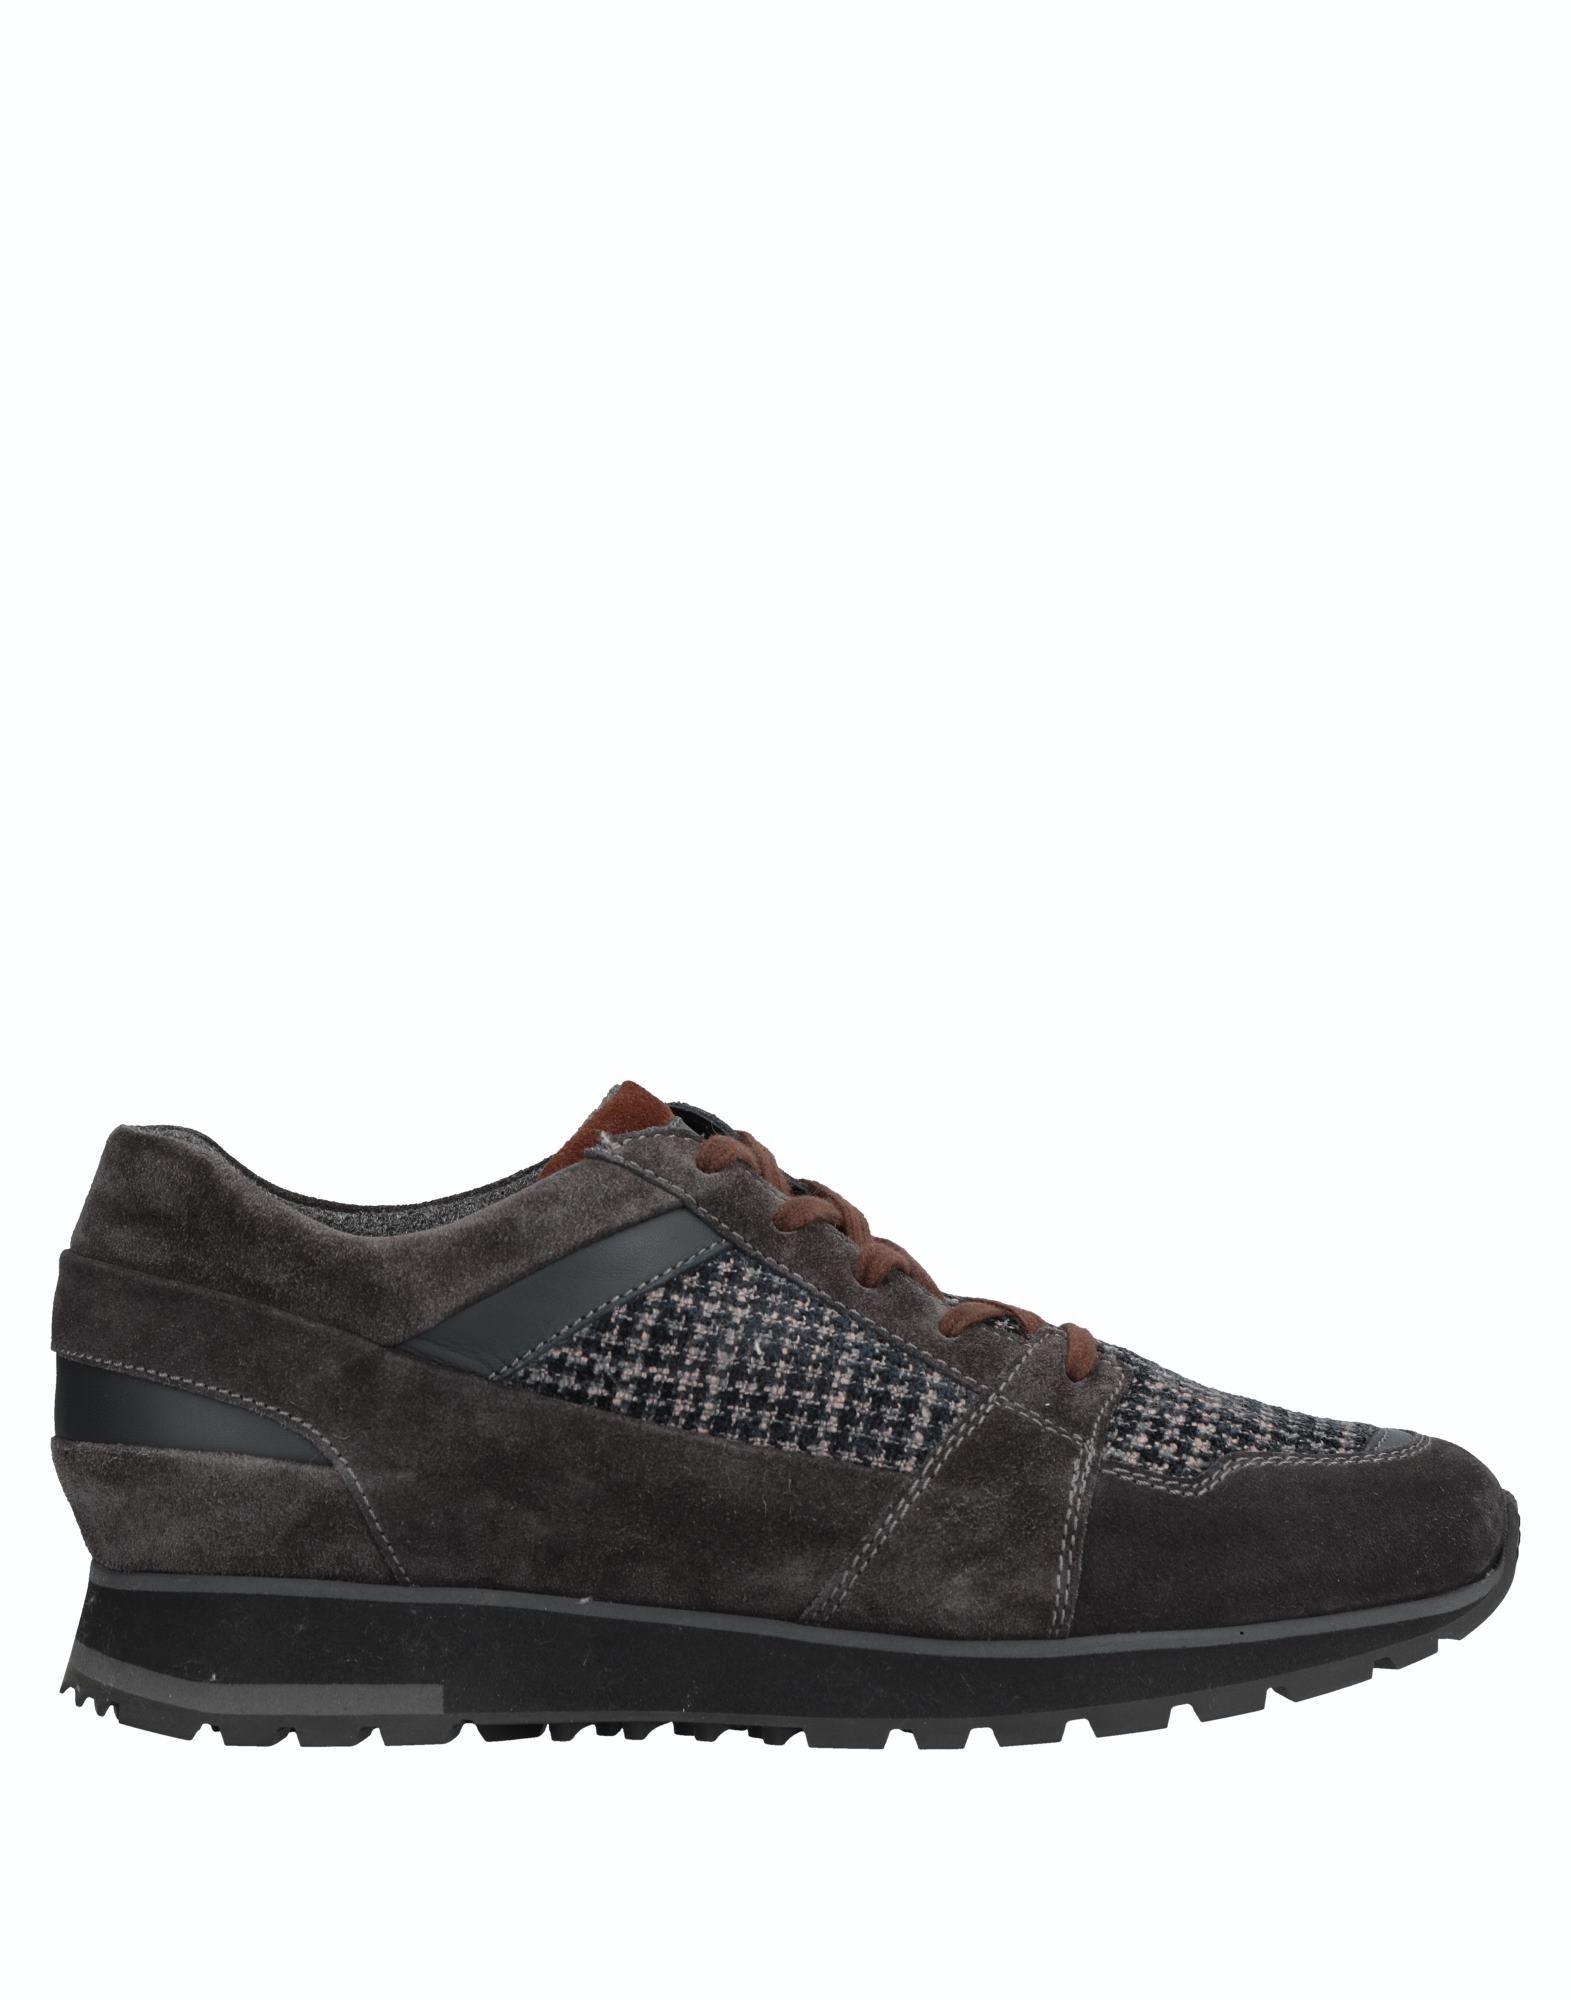 Santoni Sneakers Herren  11519474FM Gute Qualität beliebte Schuhe